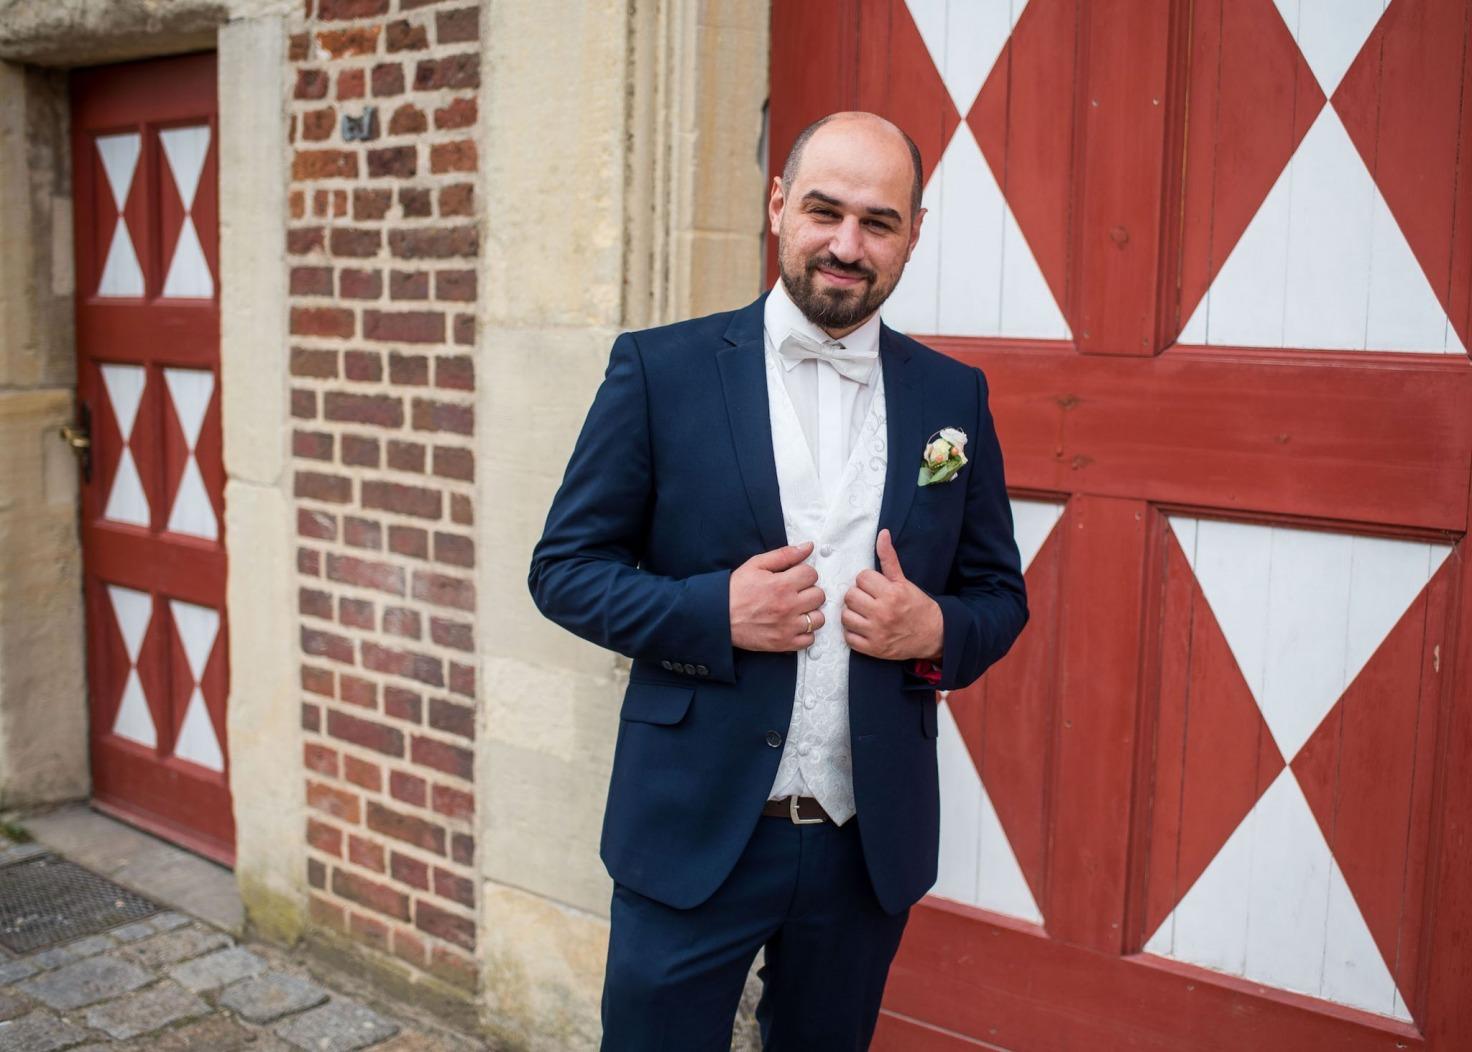 Hochzeit von Katharina und Mustafa in Münster: Der Bräutigam